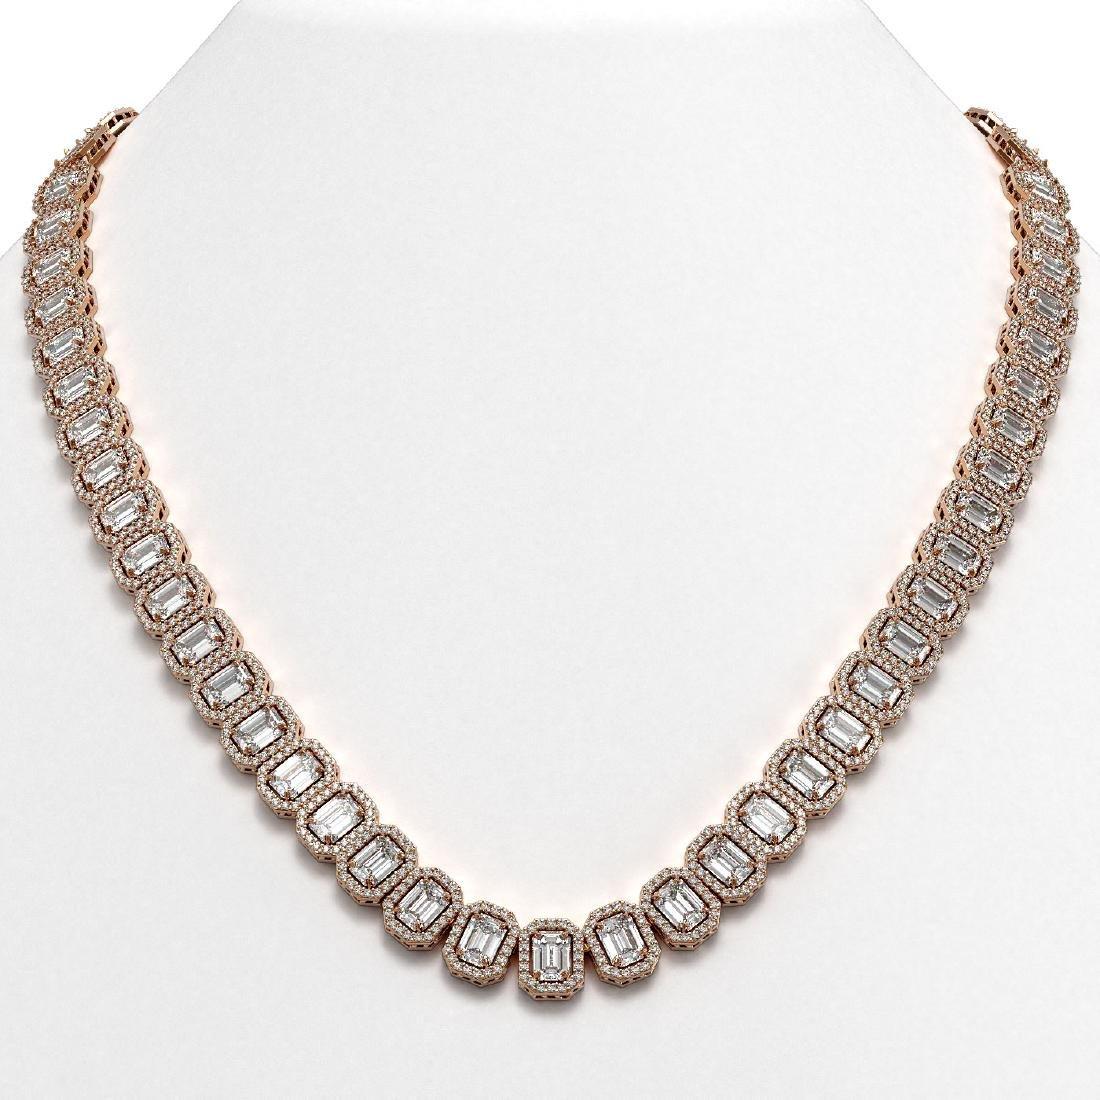 47.12 CTW Emerald Cut Diamond Designer Necklace 18K